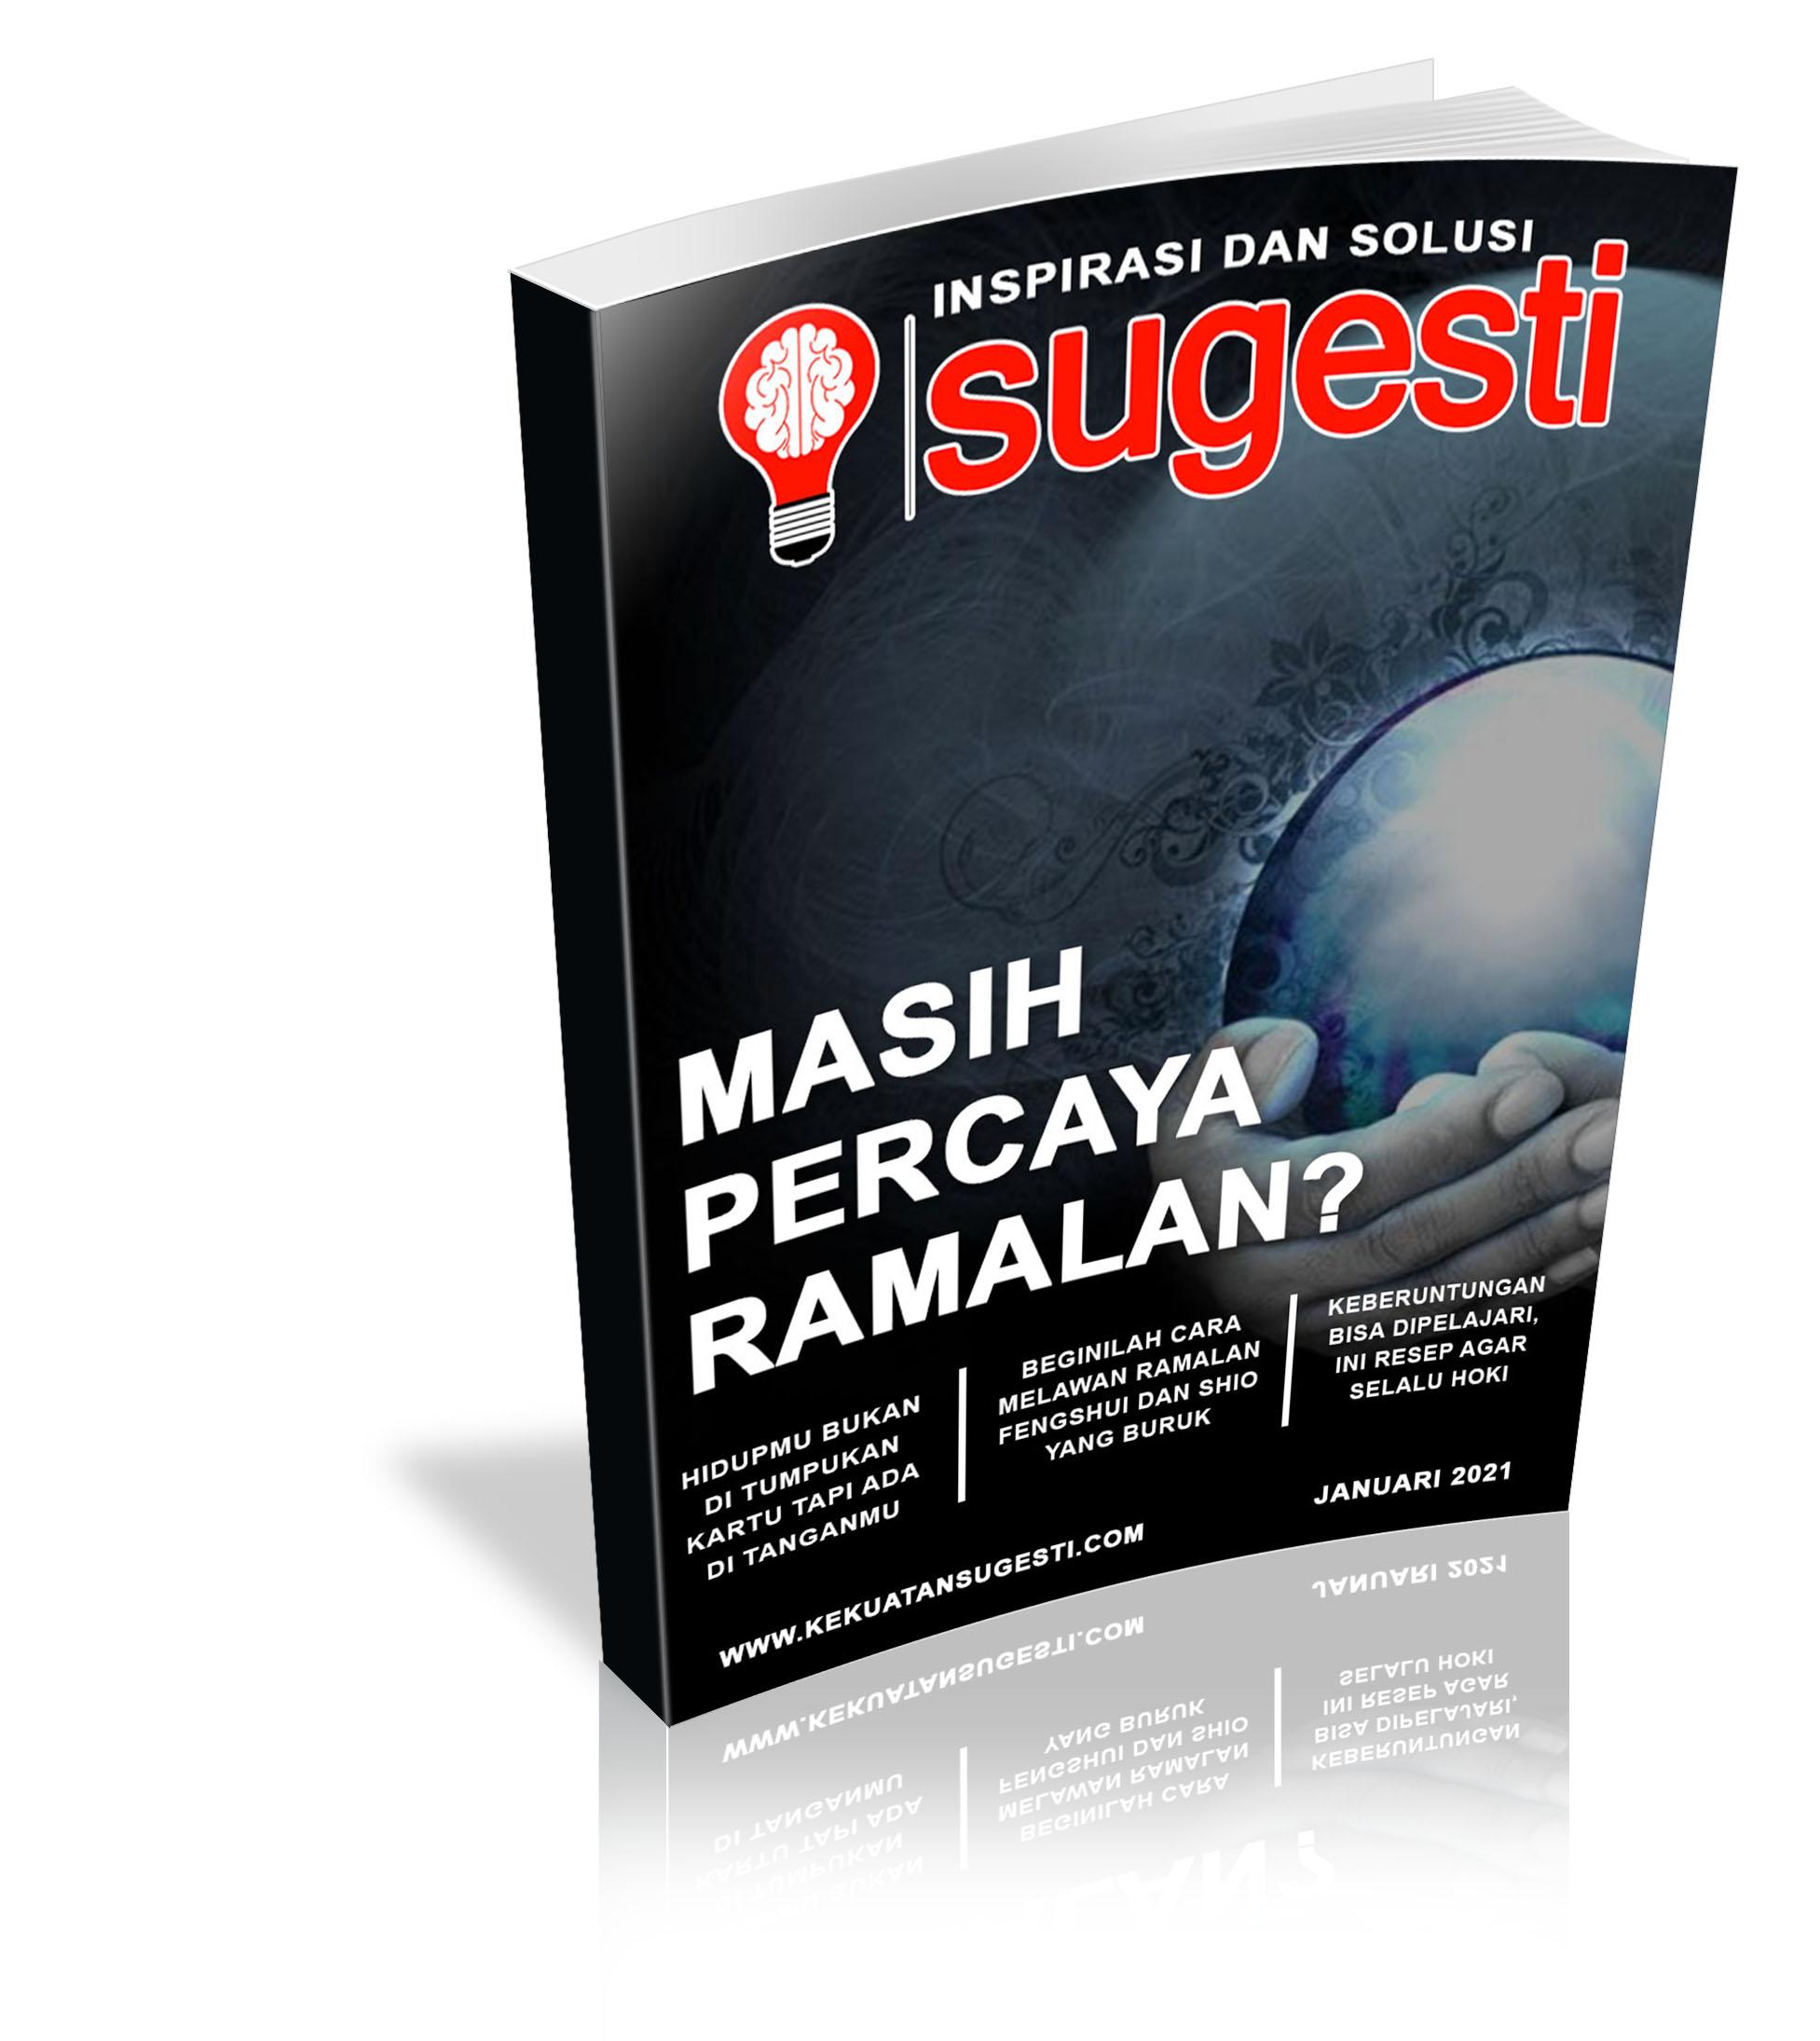 Majalah Sugesti Edisi Ke TujuhPuluh Sembilan Bulan Januari 2021